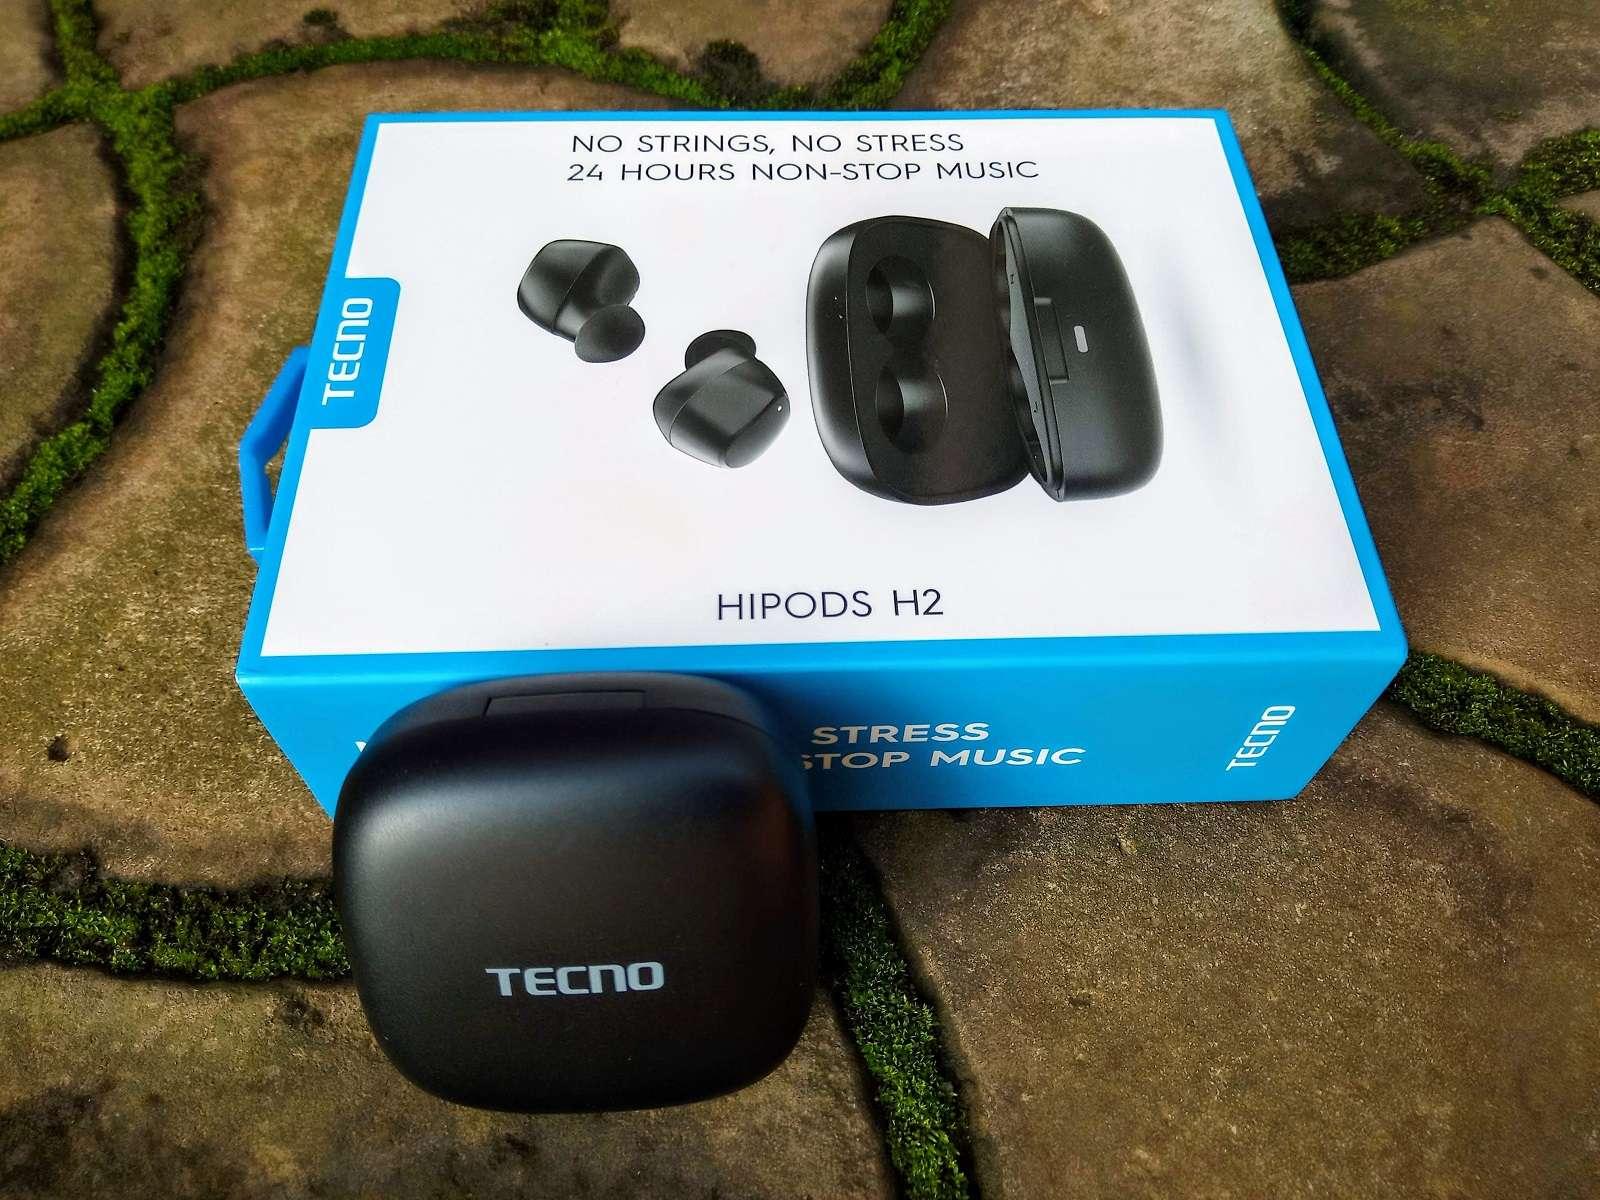 Tecno Hipods H2